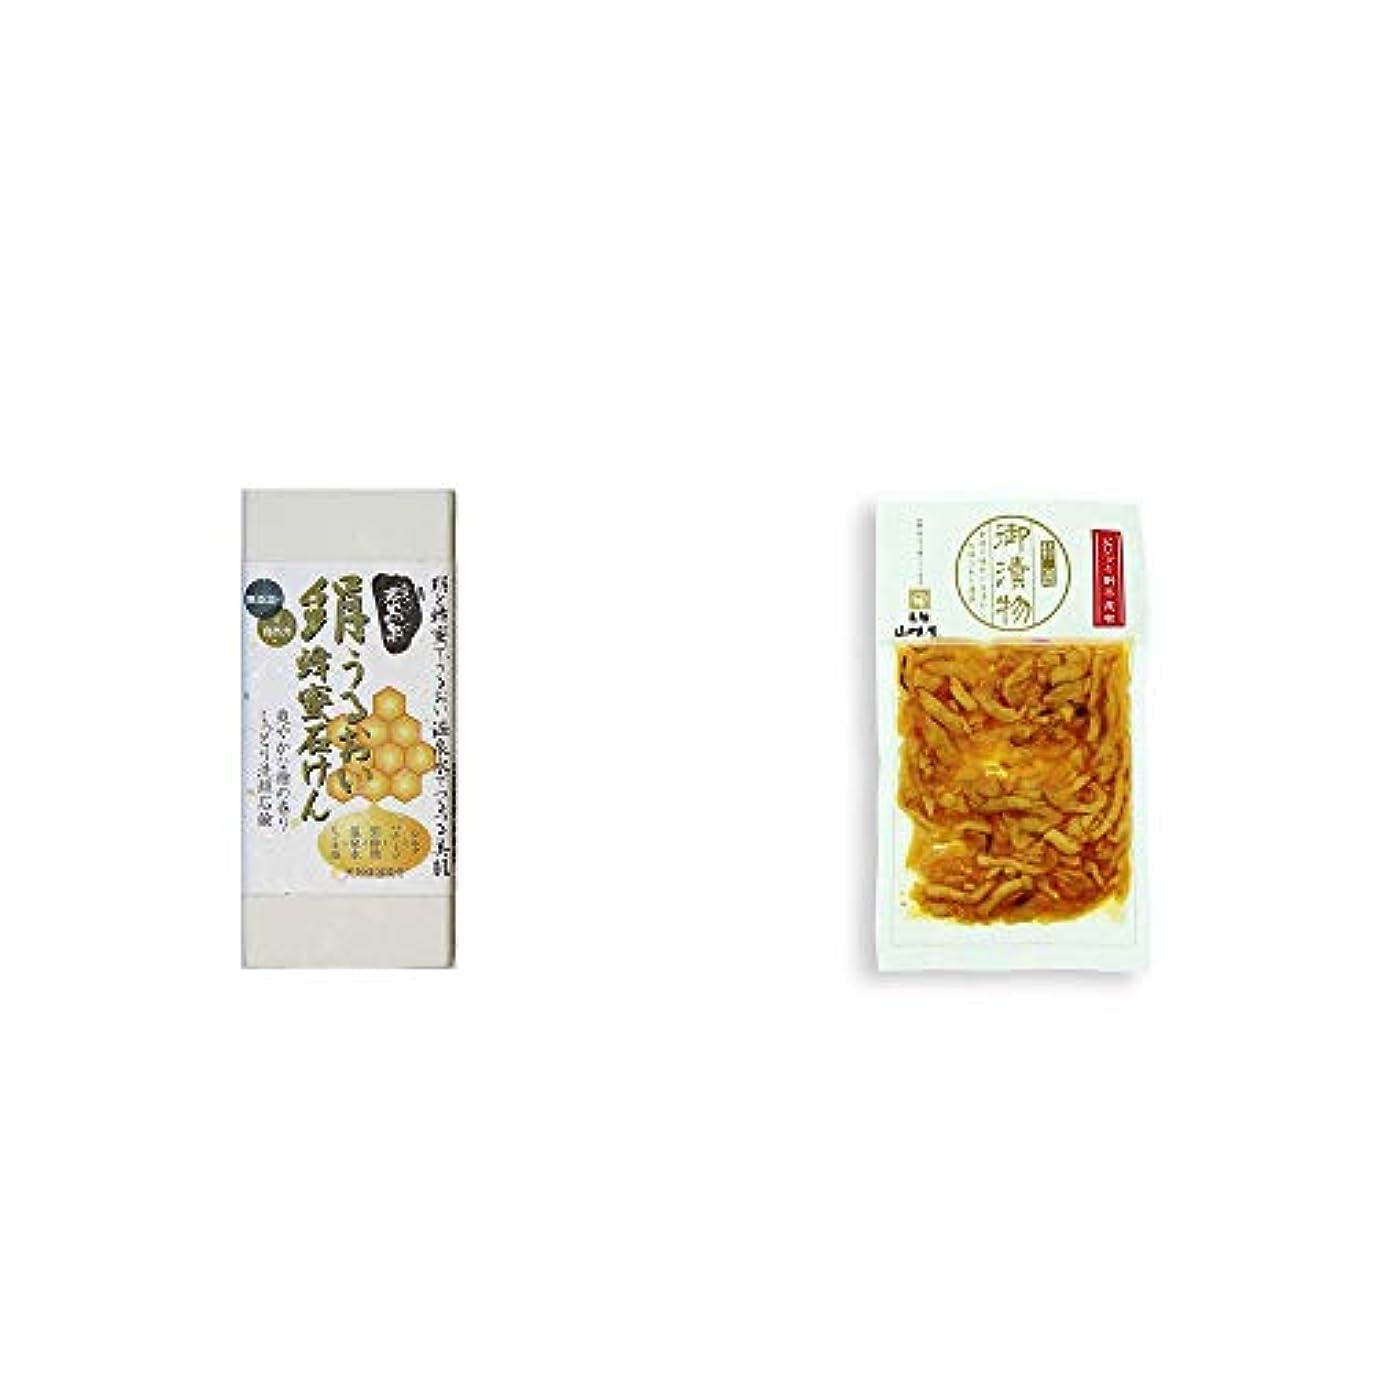 リラックス旋回石油[2点セット] ひのき炭黒泉 絹うるおい蜂蜜石けん(75g×2)?飛騨山味屋 ピリッと割干し昆布(230g)